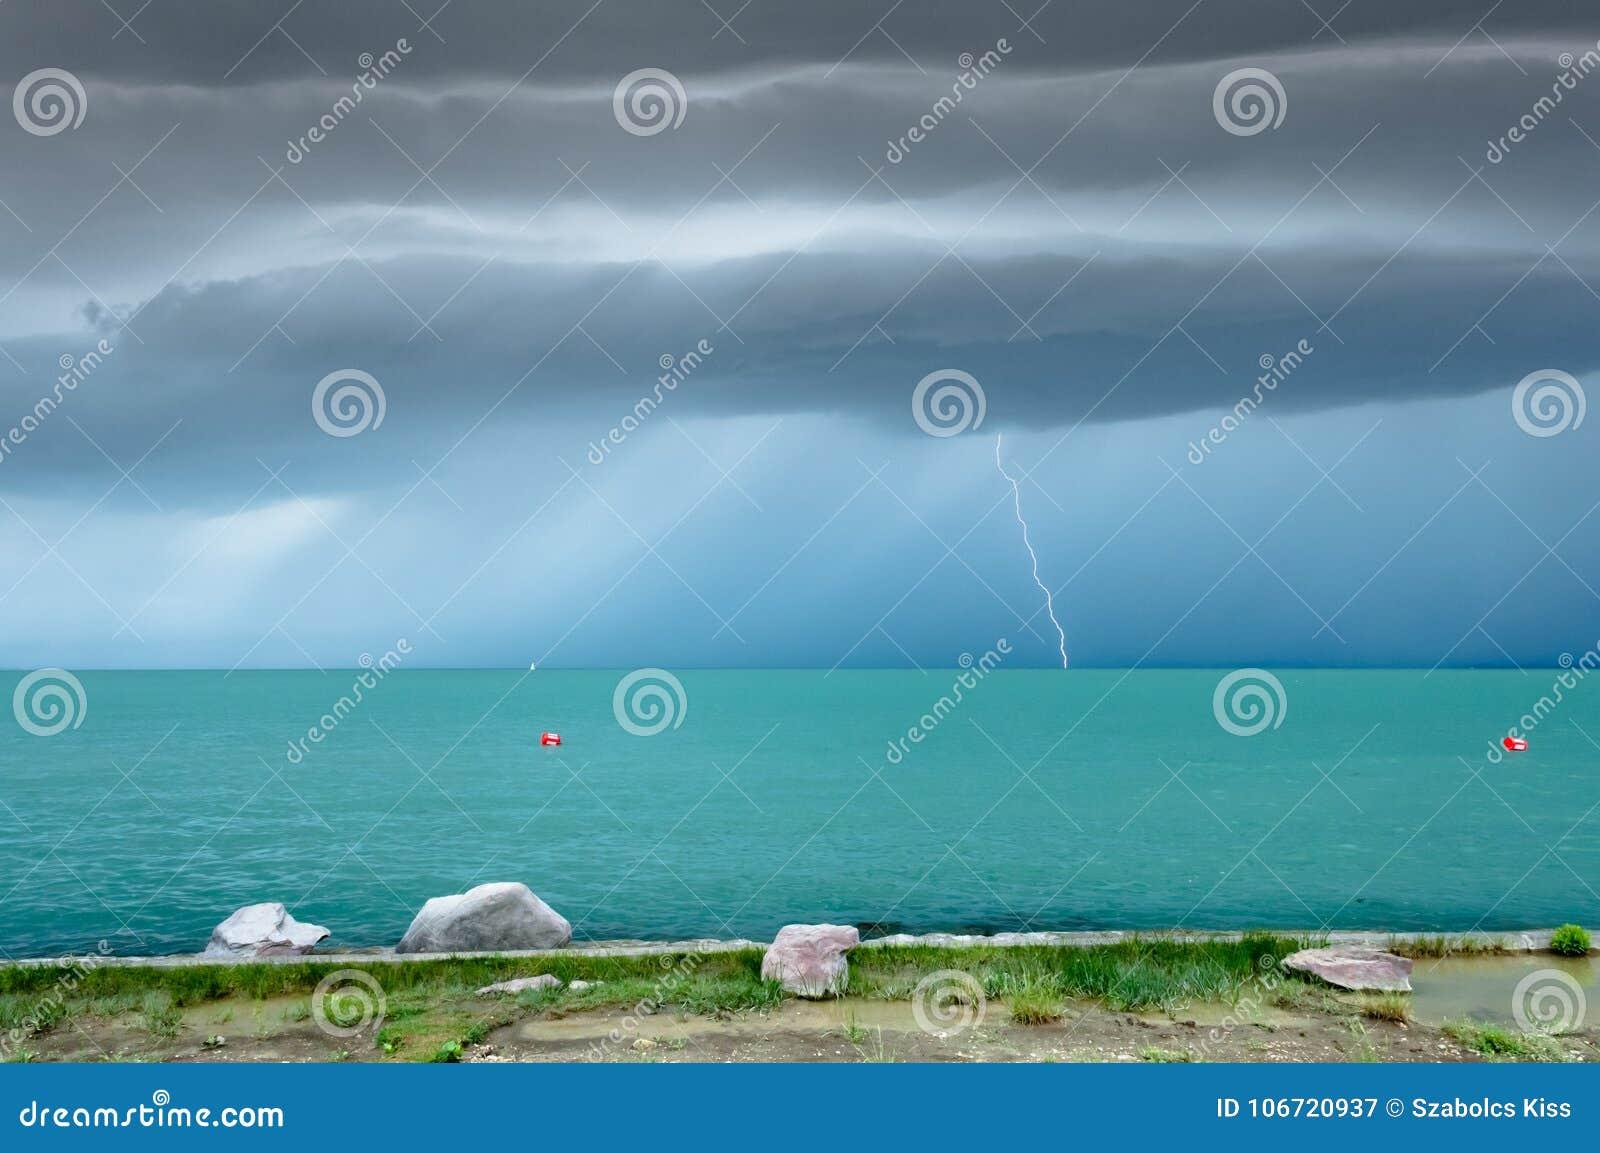 Drastisch vor Sturmansicht an einem Türkissee